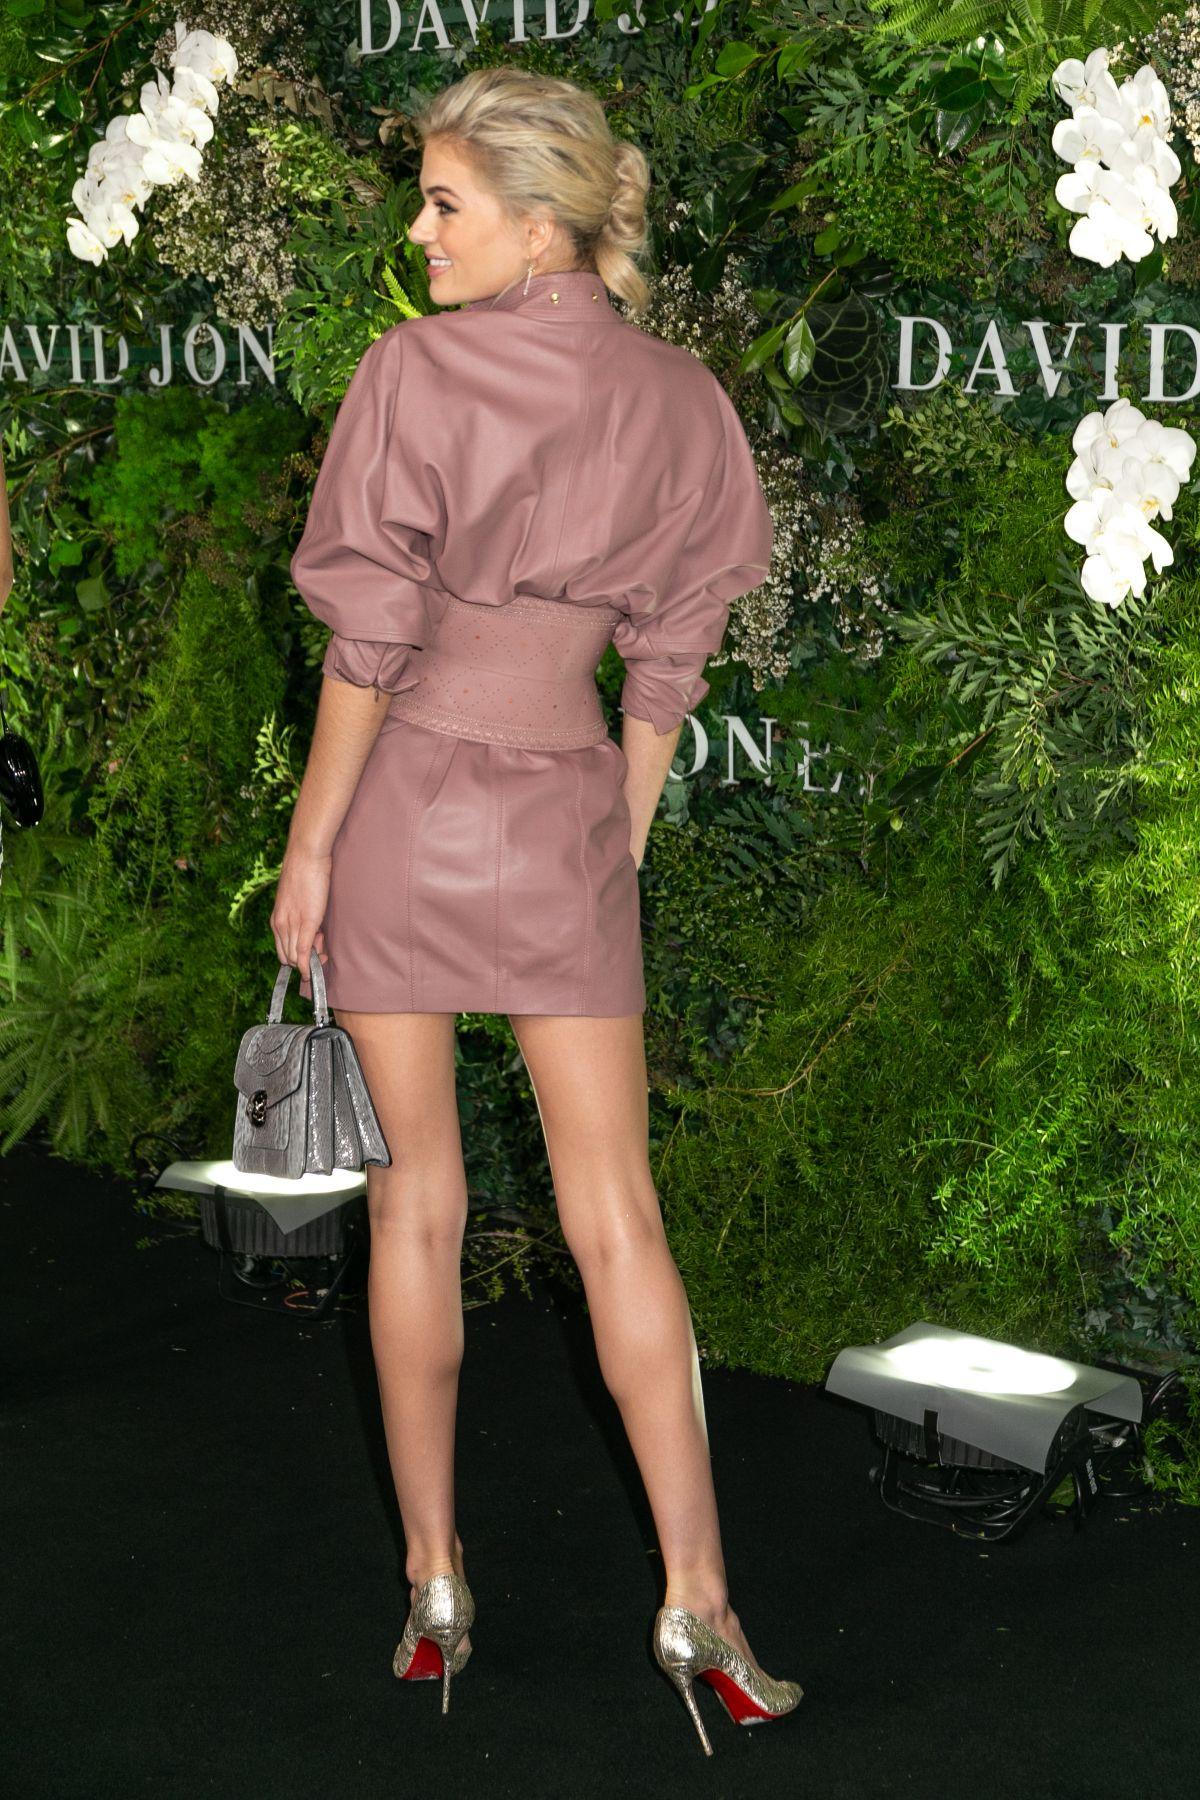 Miranda Kerr for David Jones Spring/Summer 2012 Catalogue